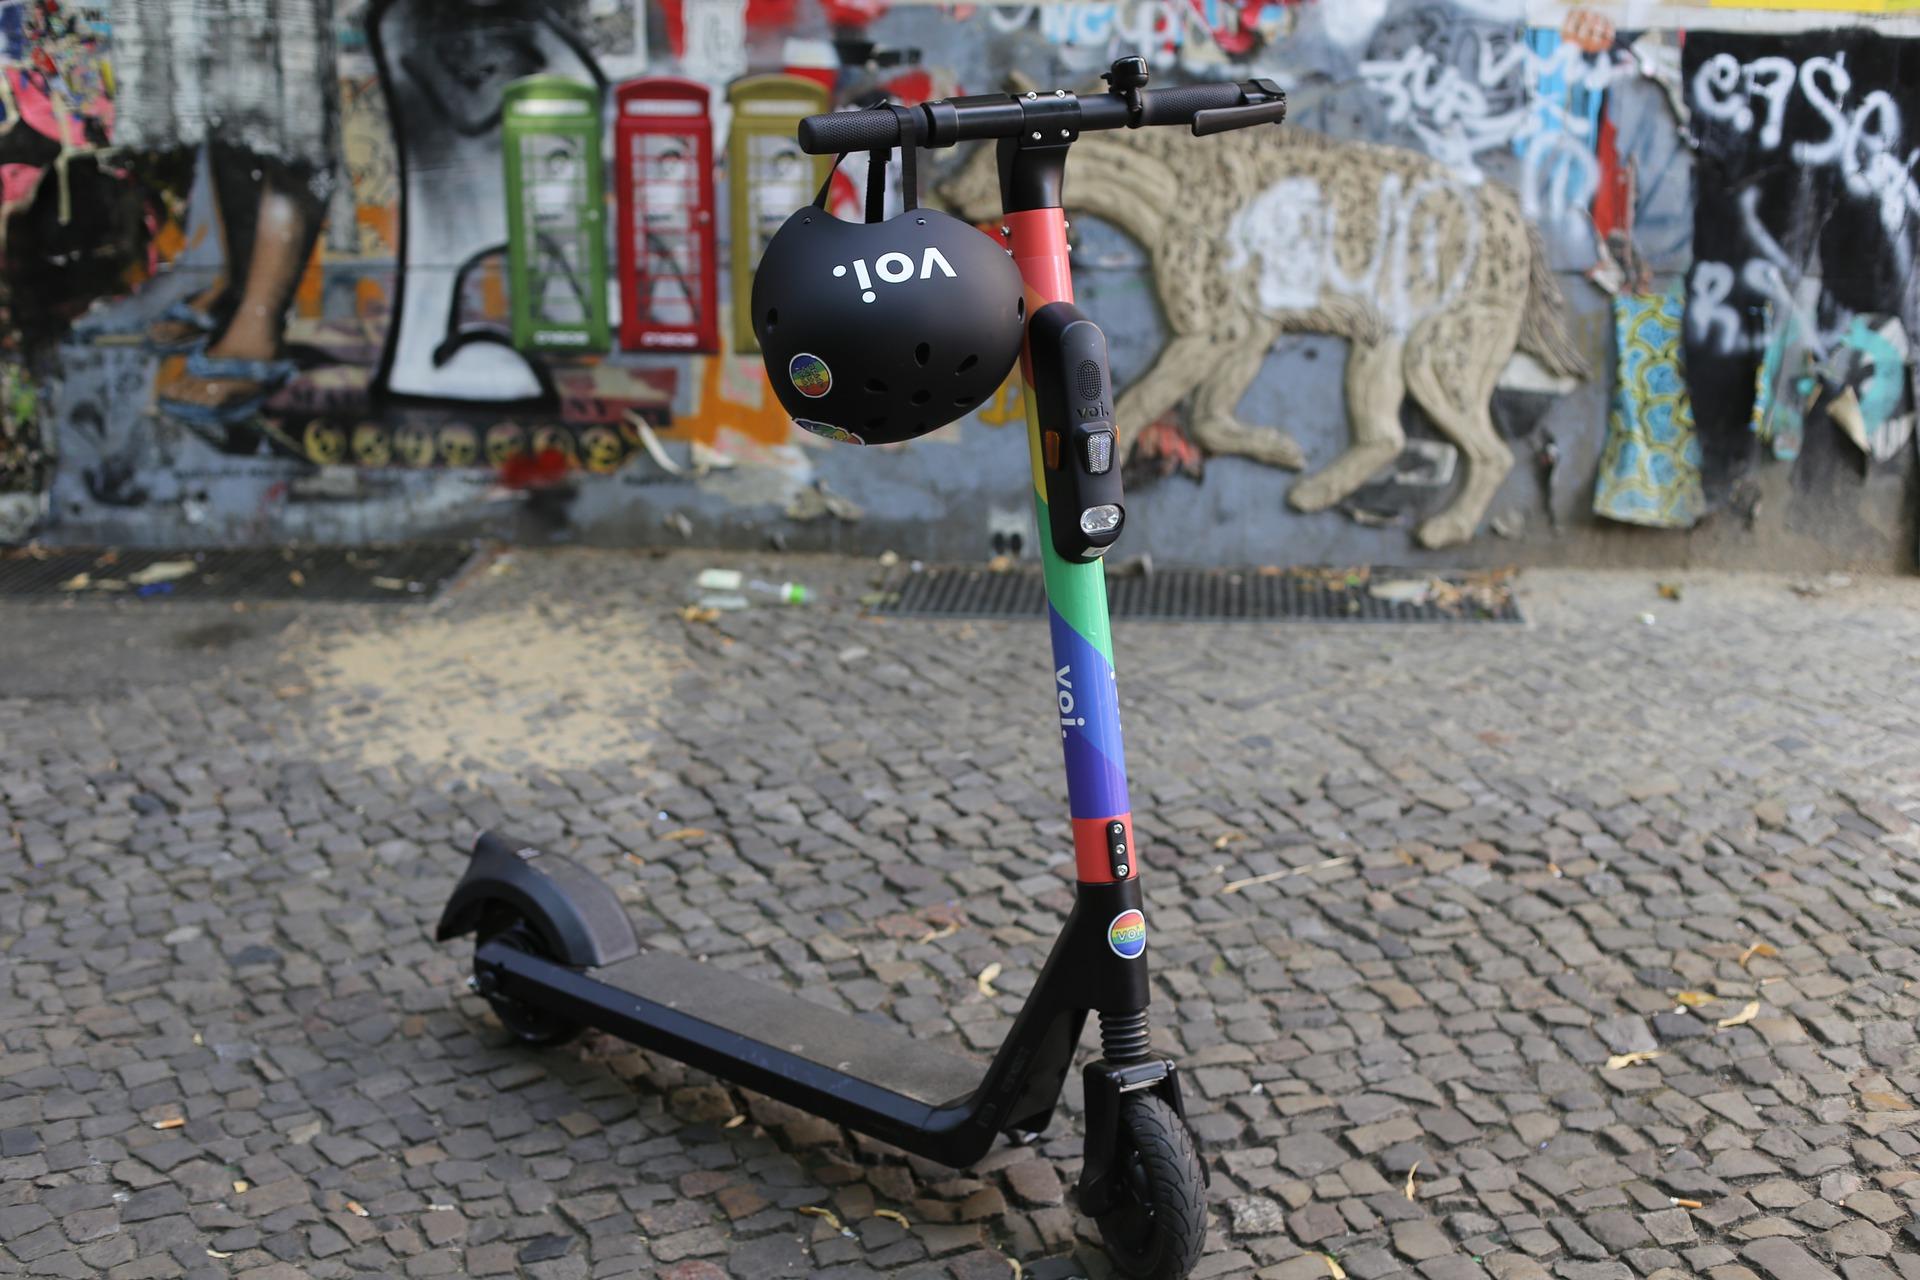 Umgang der Stadt Freiburg mit Sharinganbietern für E-Tretroller